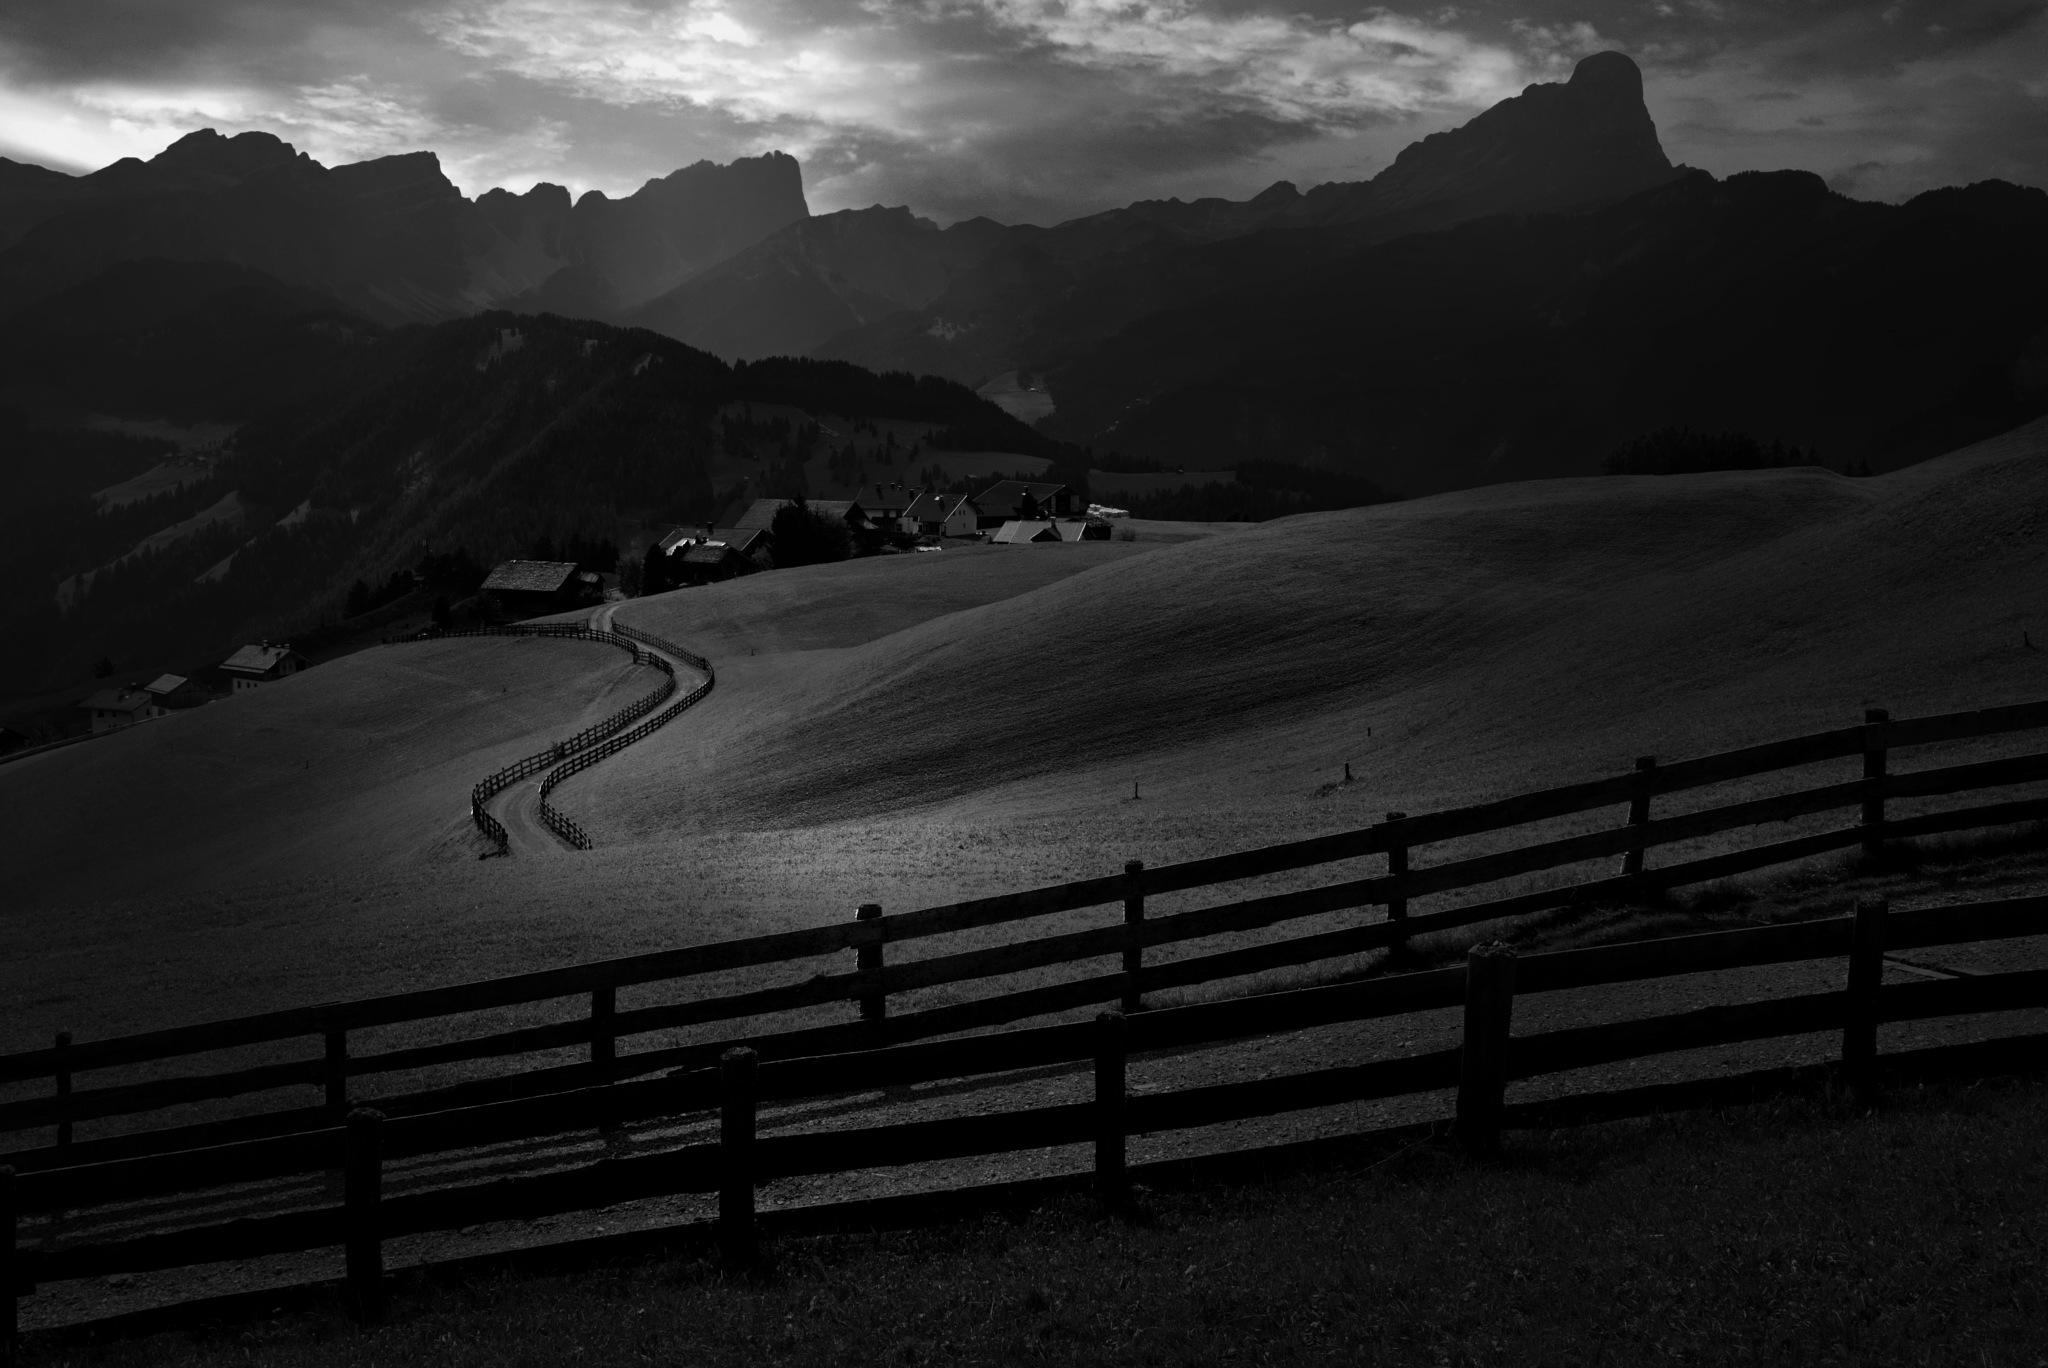 True di Pra by MarkSoetebierVideophotography